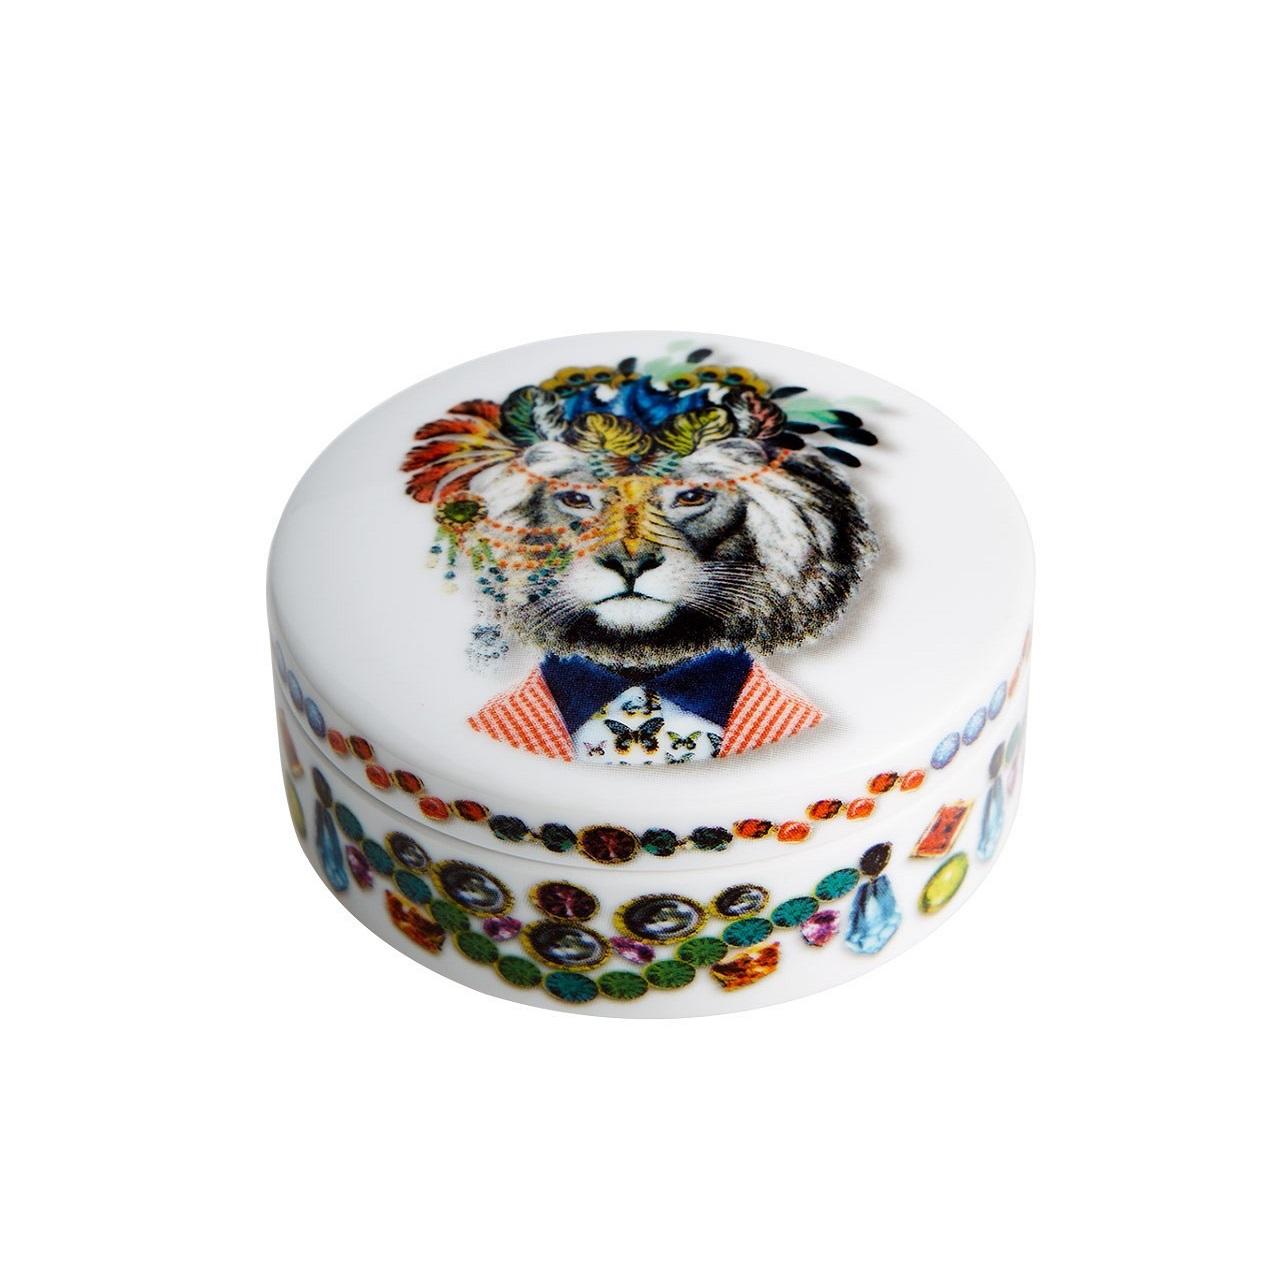 Caixa Regaleira Jungle King